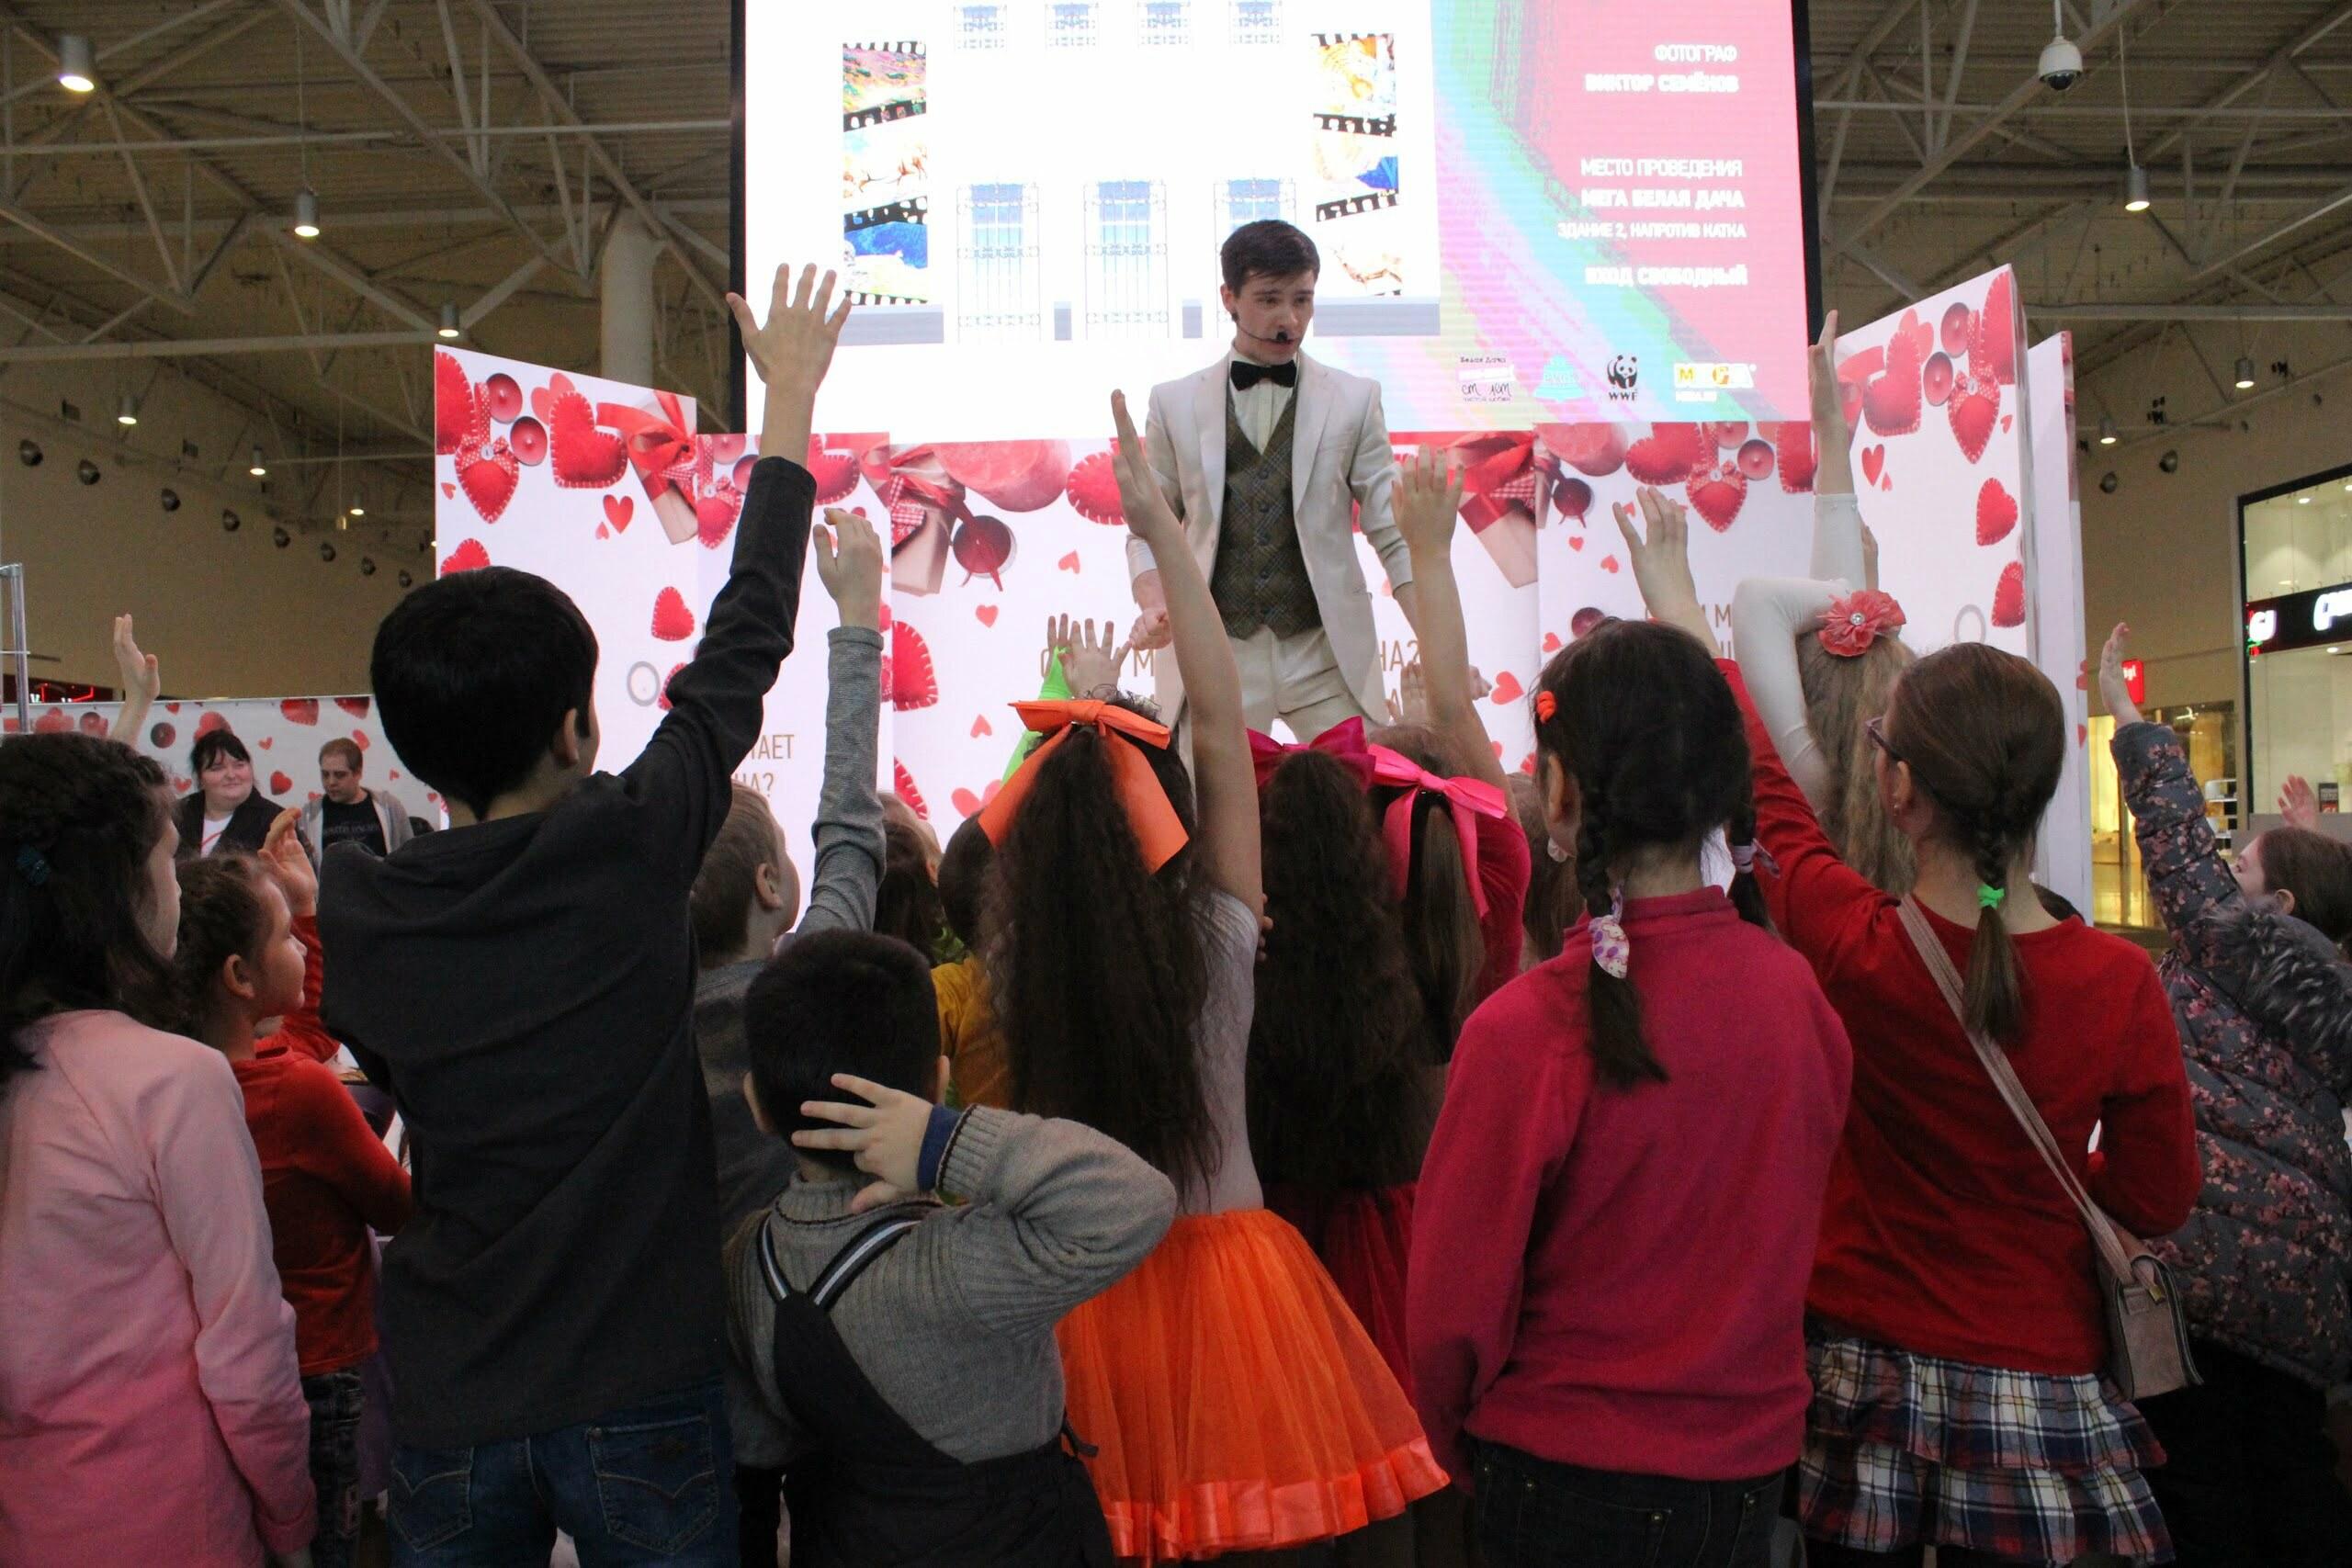 Фокусник в белом костюме на сцене выступает перед детьми